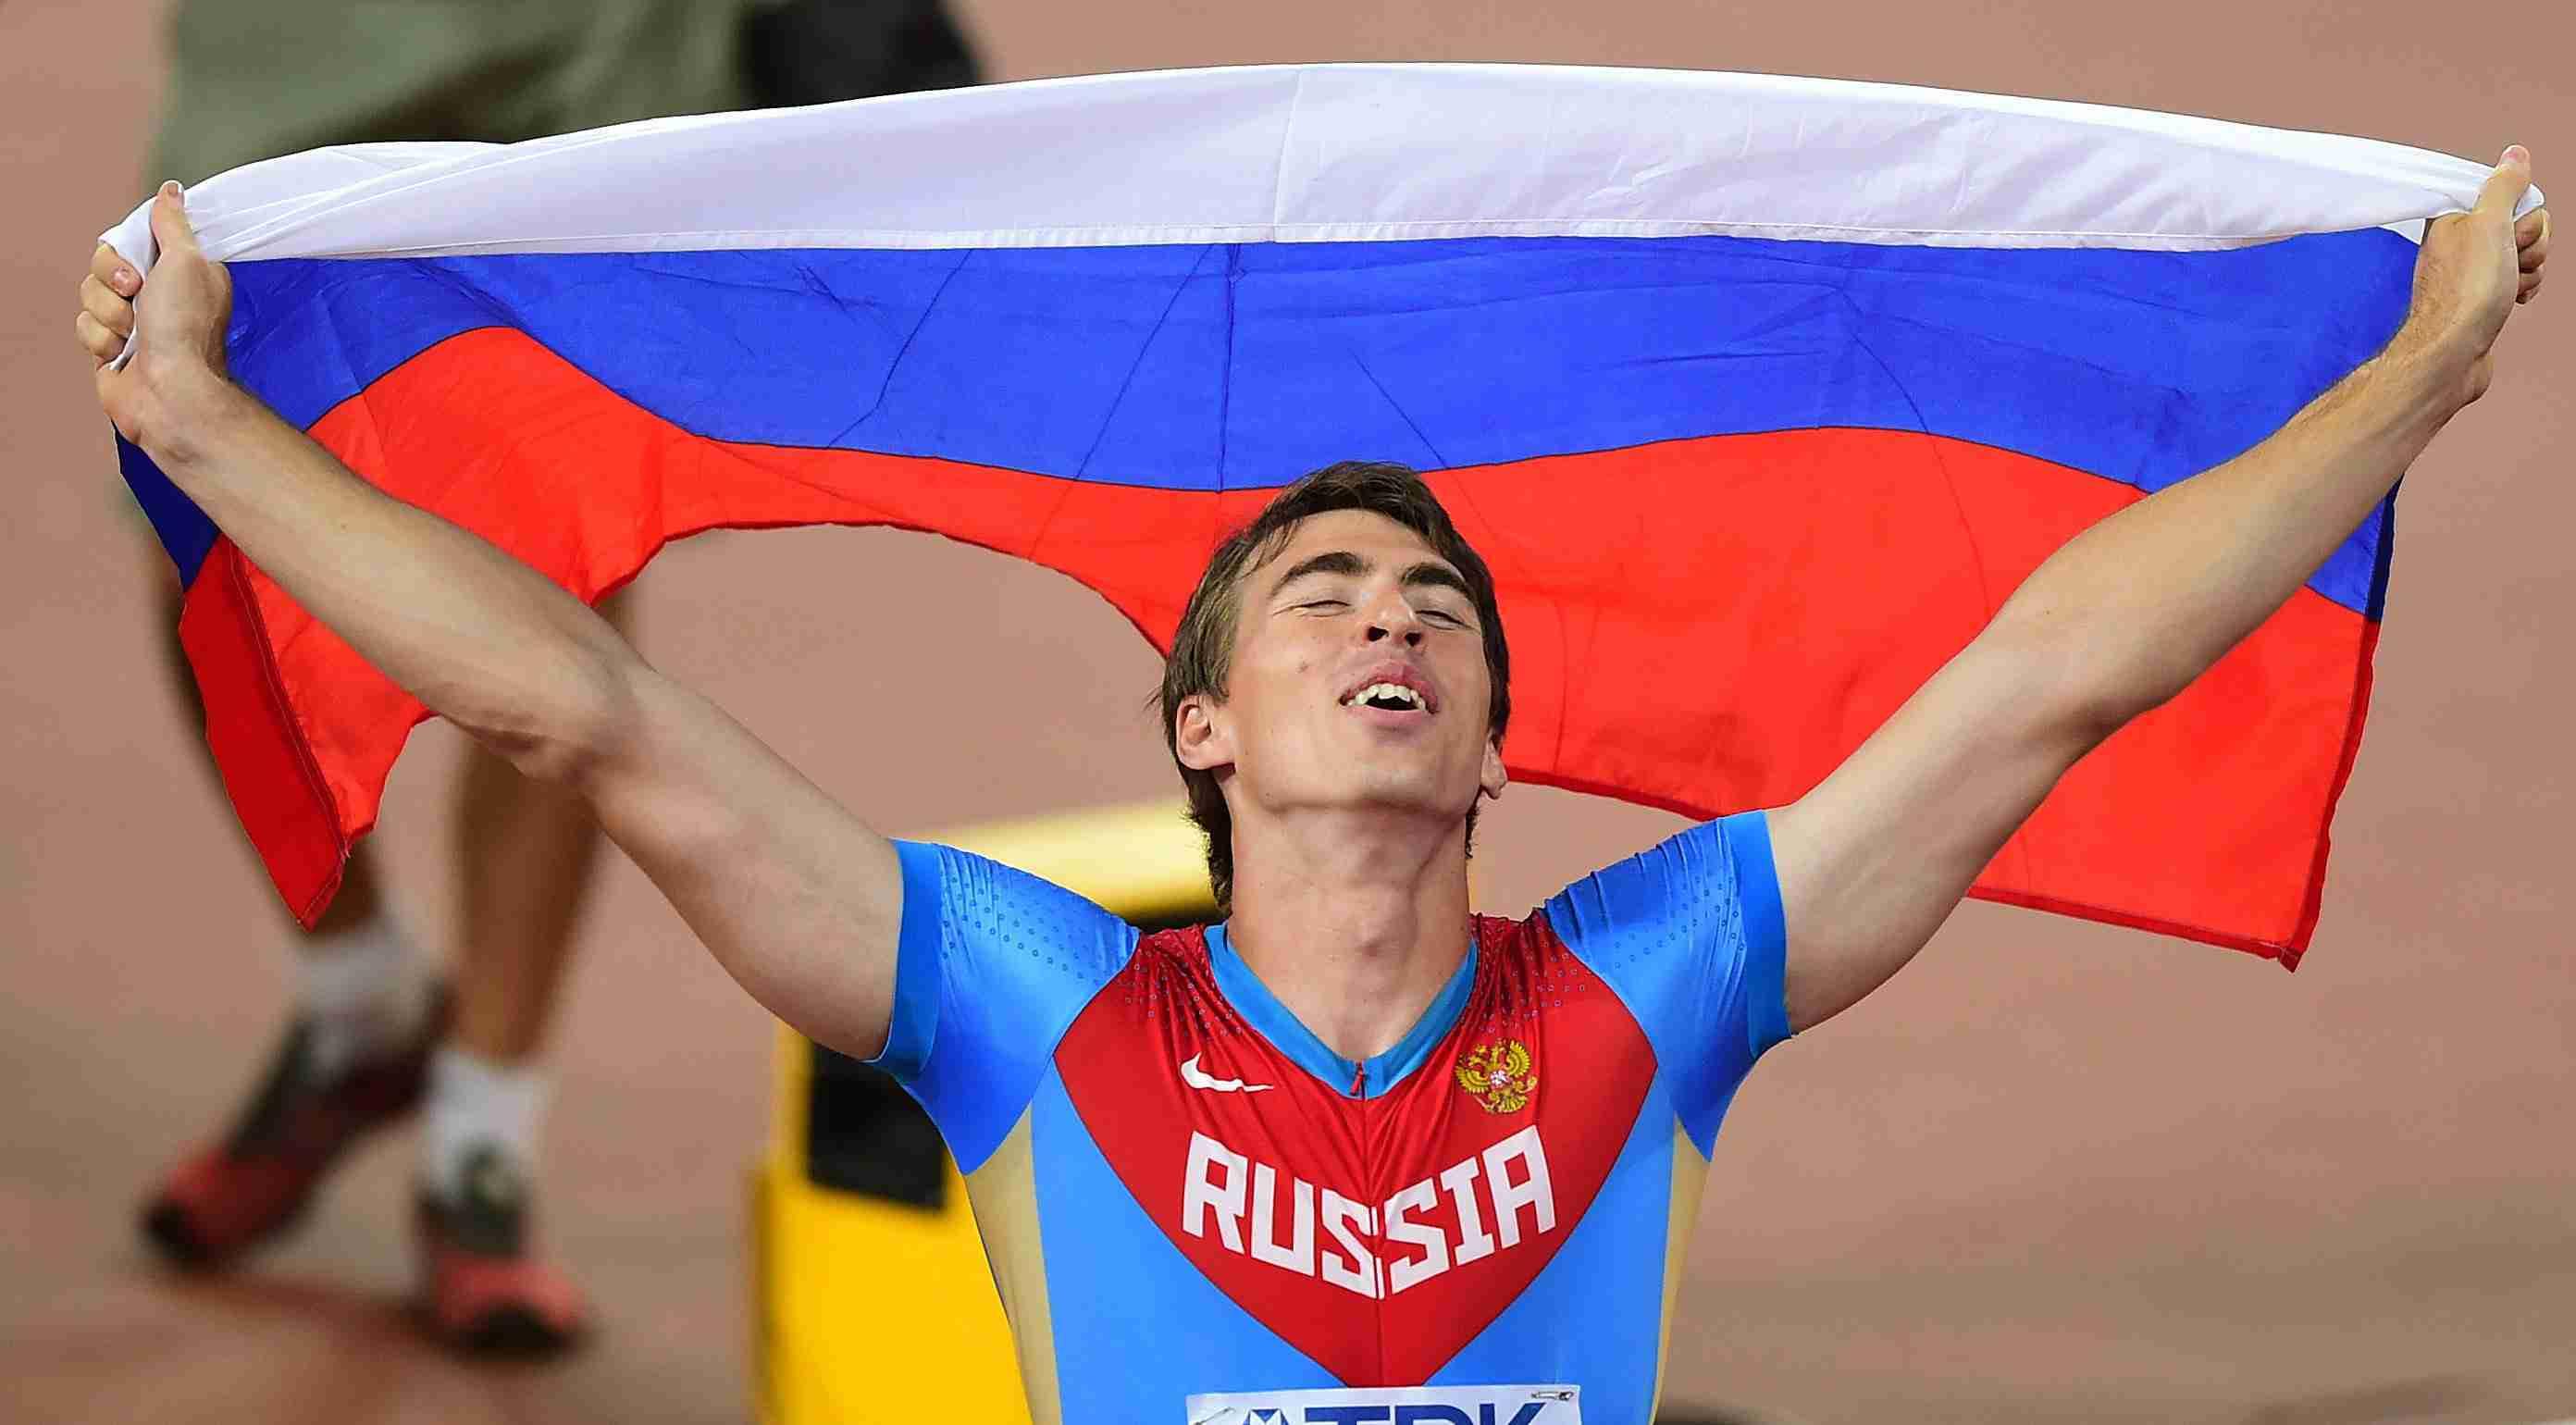 Картинка спортсменов интернациональная, для мужчин коллег